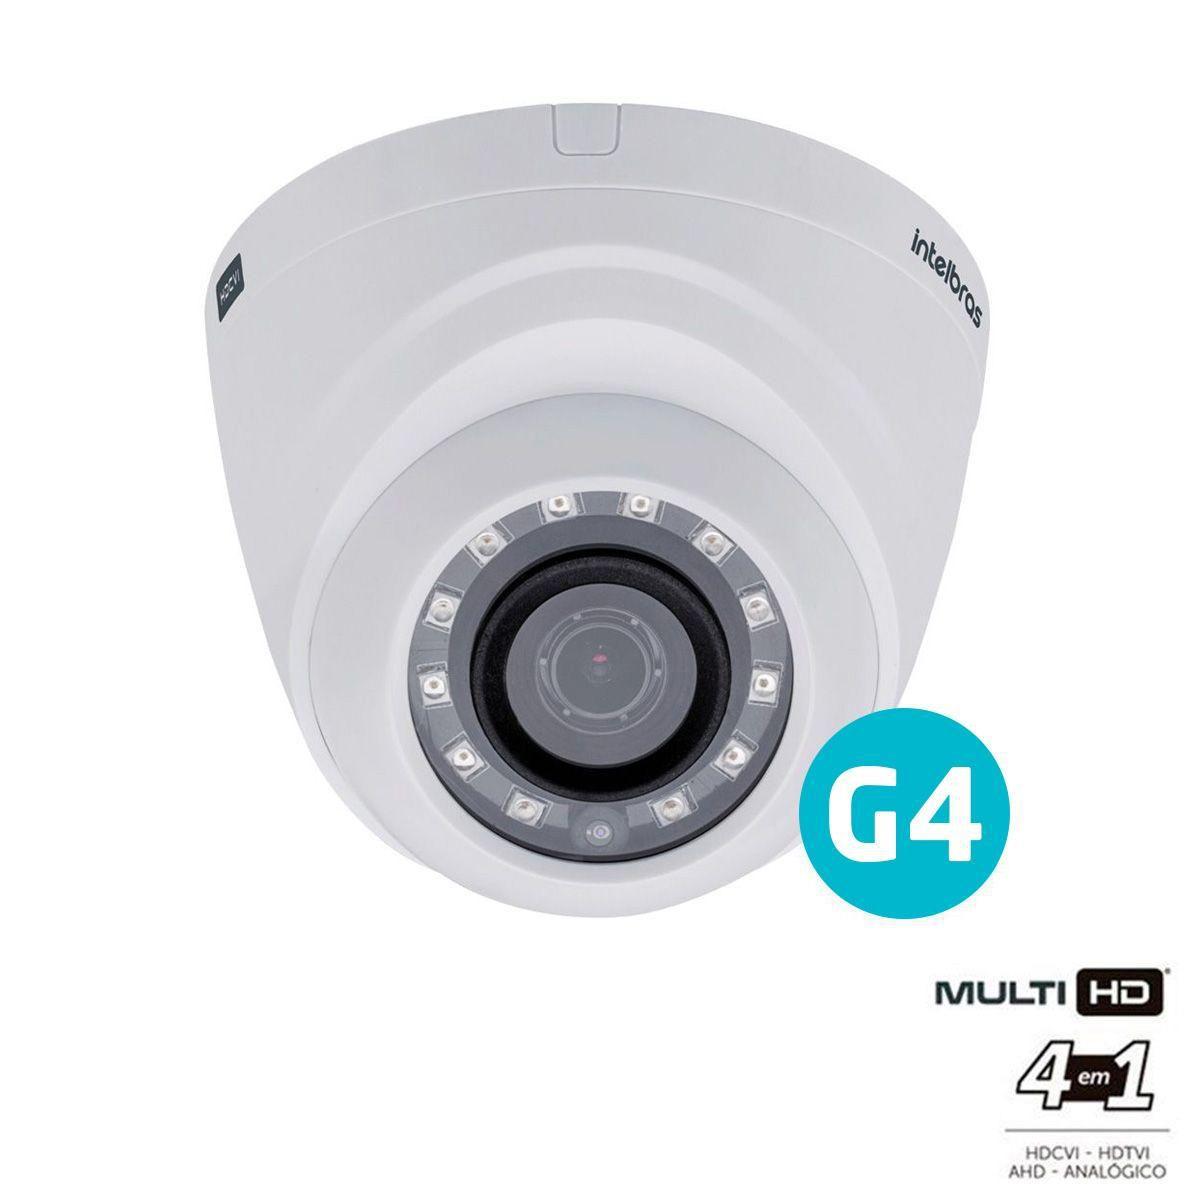 Câmera Intelbras Dome Infra Mult HD 720p VHD 1010D G4 3.6mm